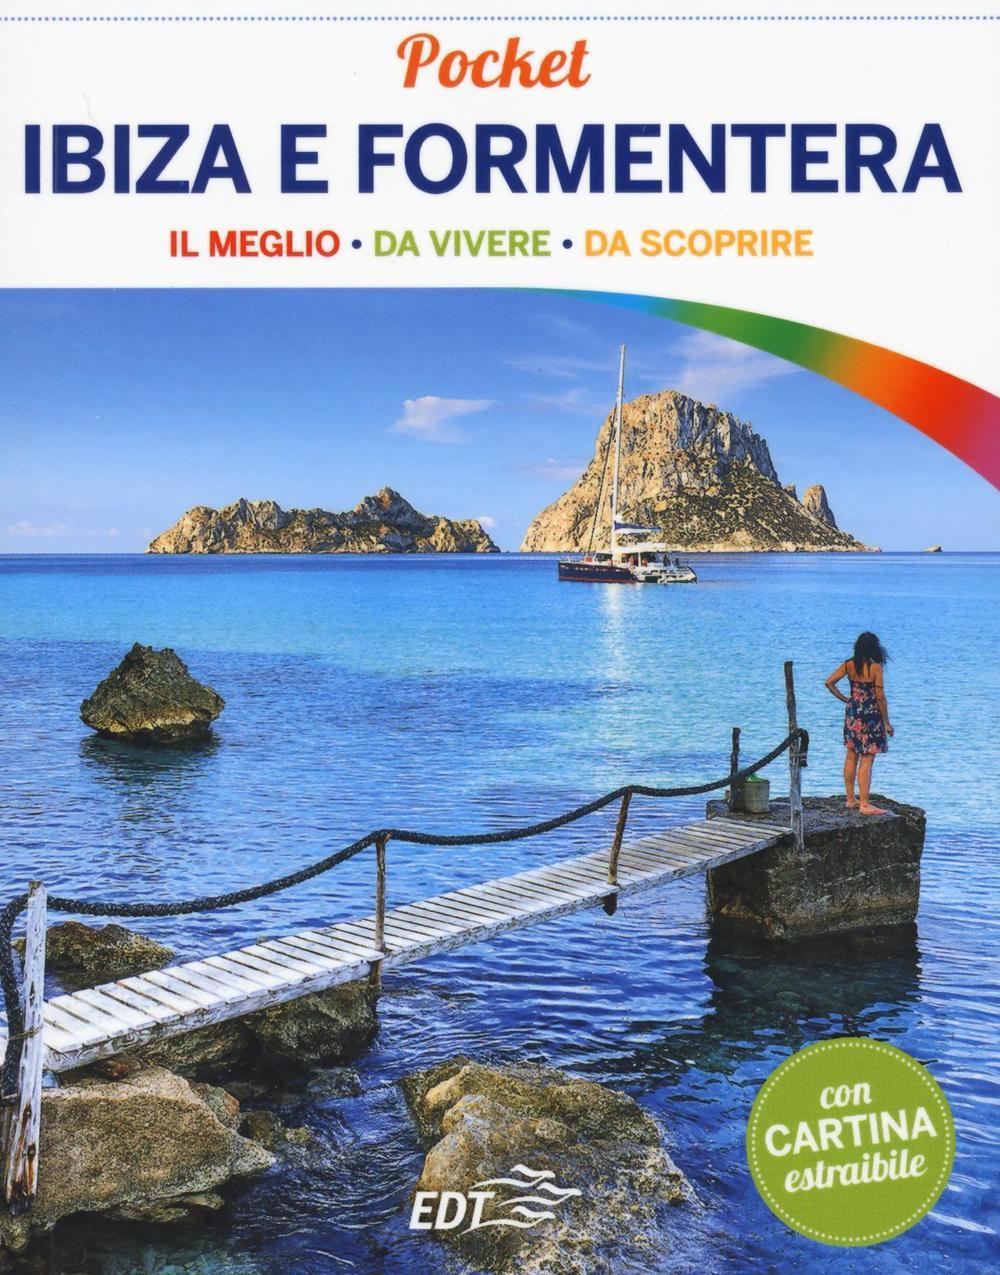 IBIZA E FORMENTERA. CON CARTINA - 9788859225799